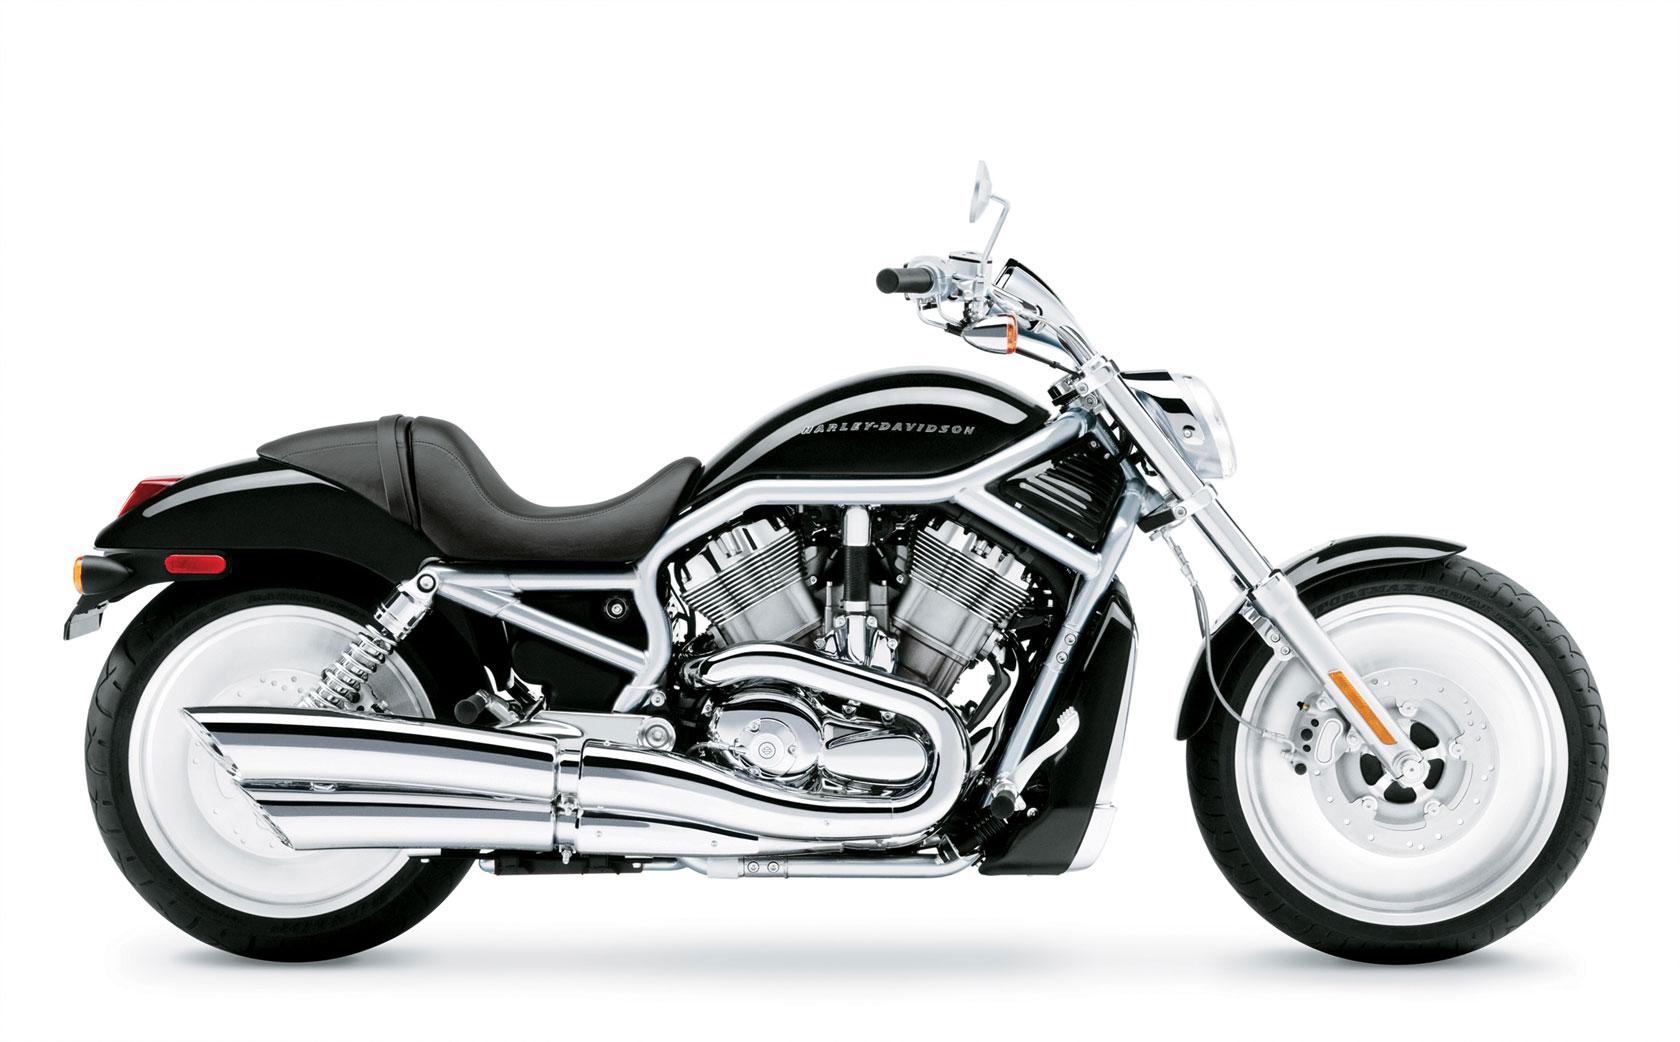 Compare a harley davidson v rod muscle vrscf 2009 a 2017 com outra - Compare A Harley Davidson V Rod Muscle Vrscf 2009 A 2017 Com Outra 15